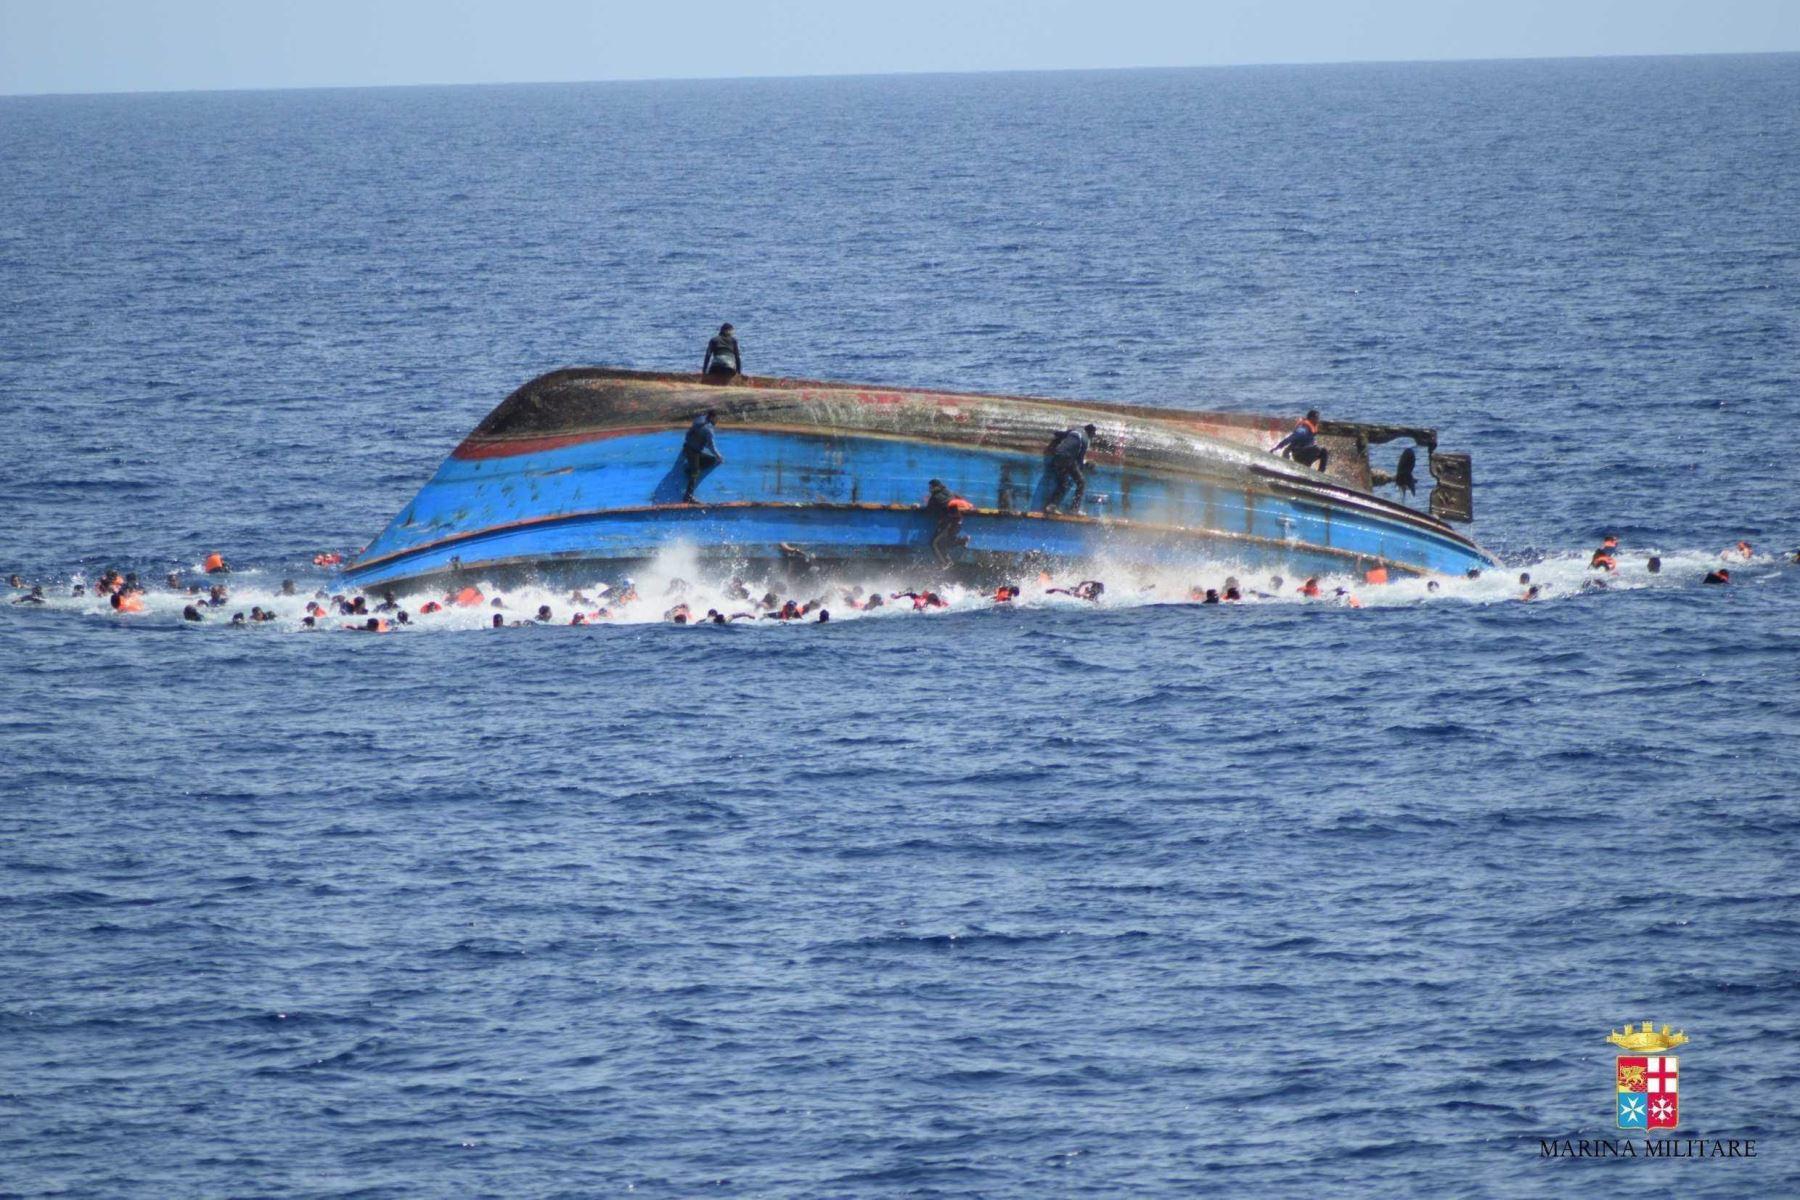 Naufragio en India deja al menos 23 muertos y 12 desaparecidos